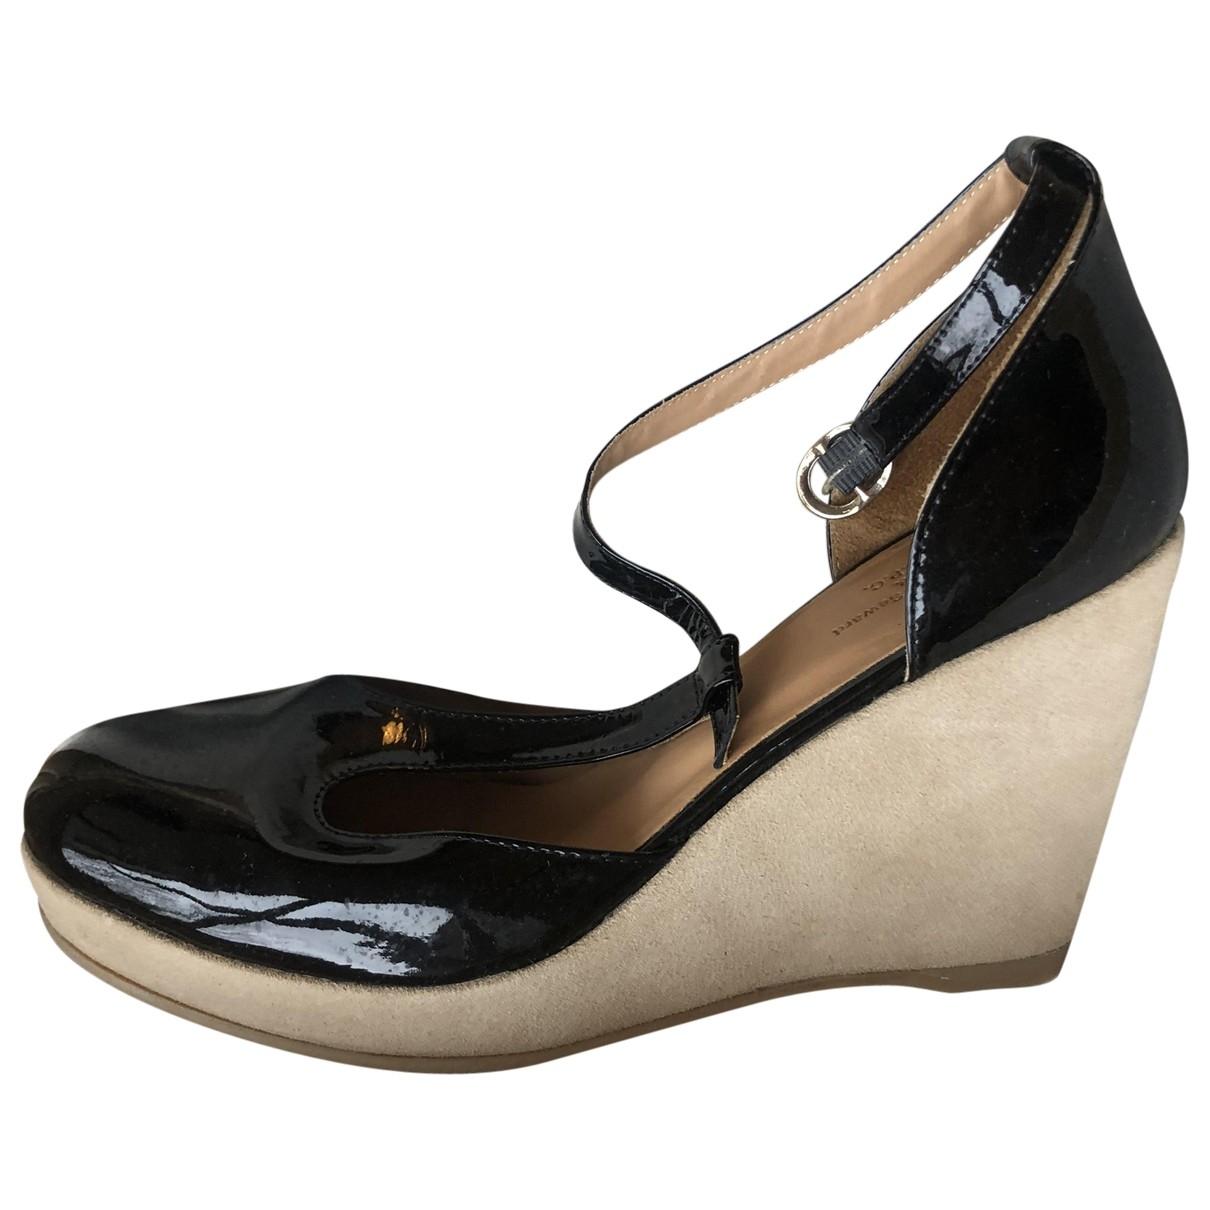 Apc - Sandales   pour femme en cuir verni - noir